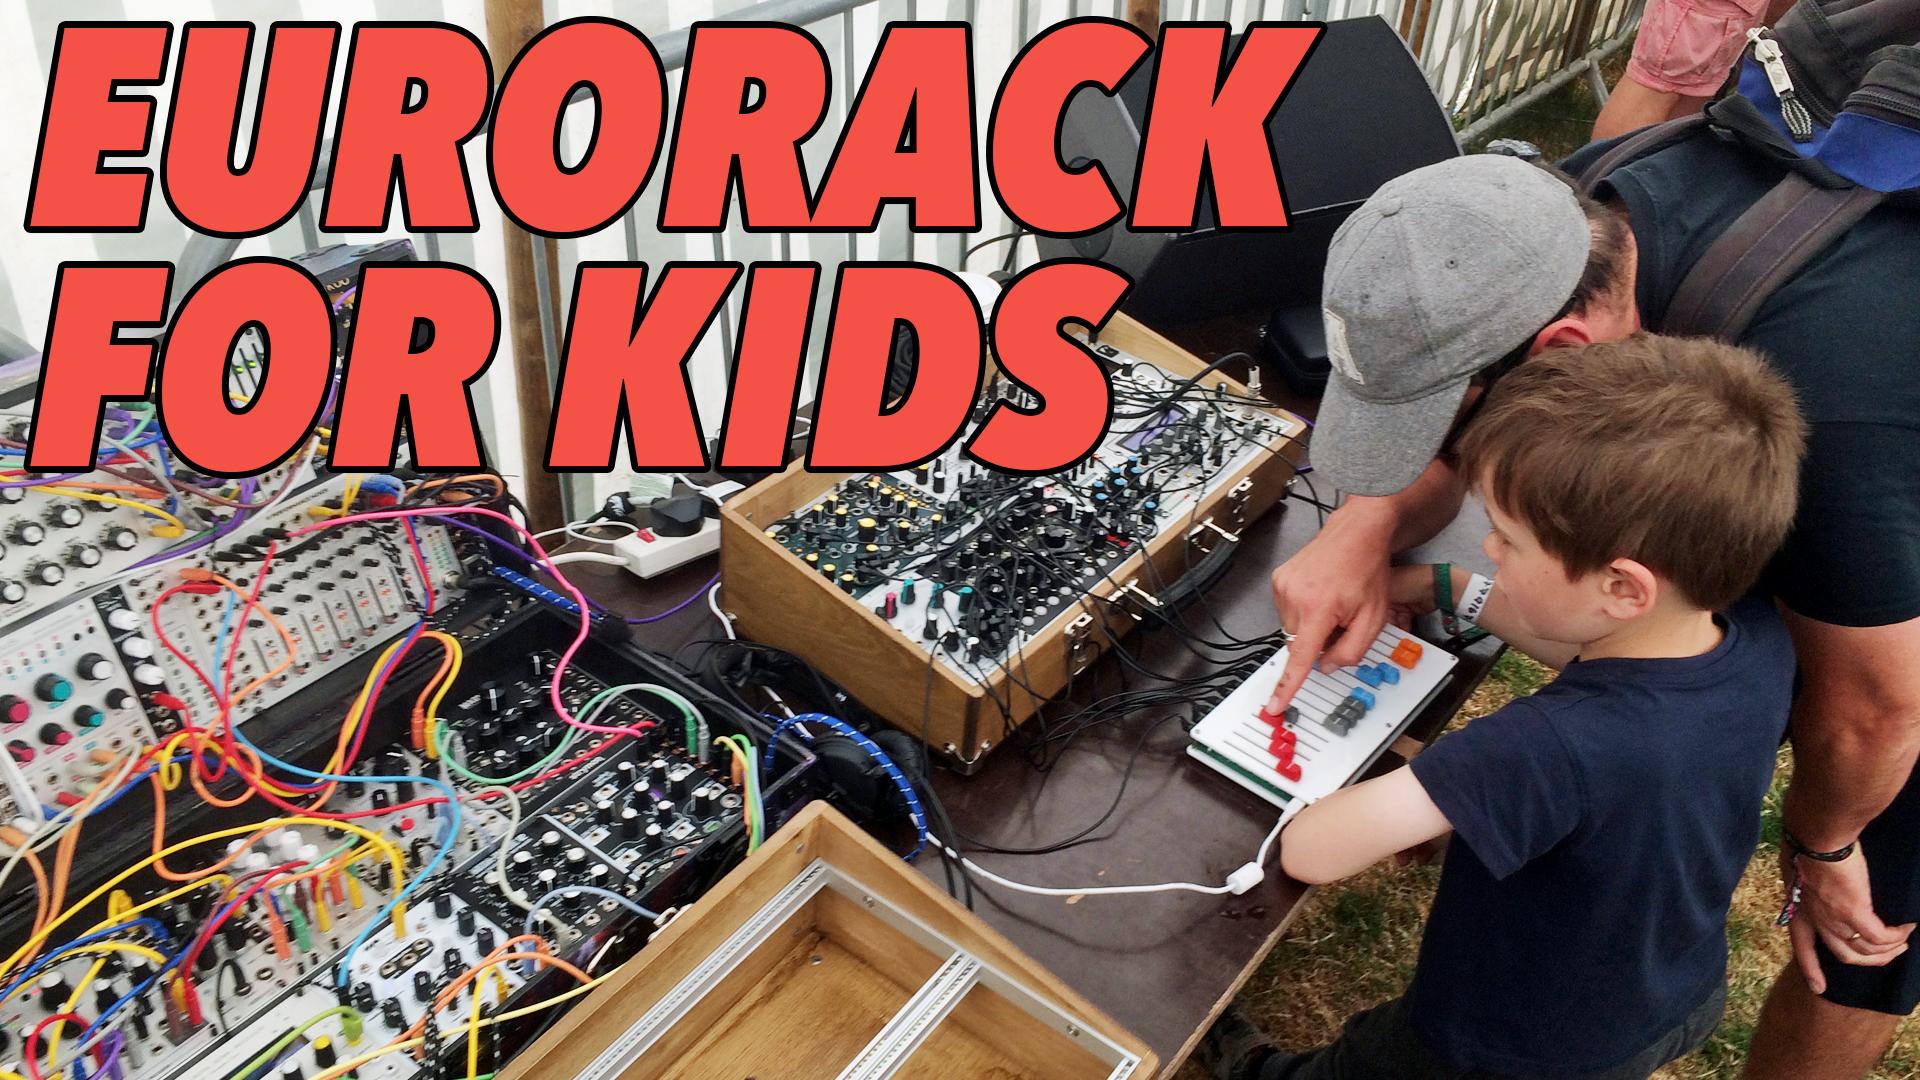 Eurorack for Kids